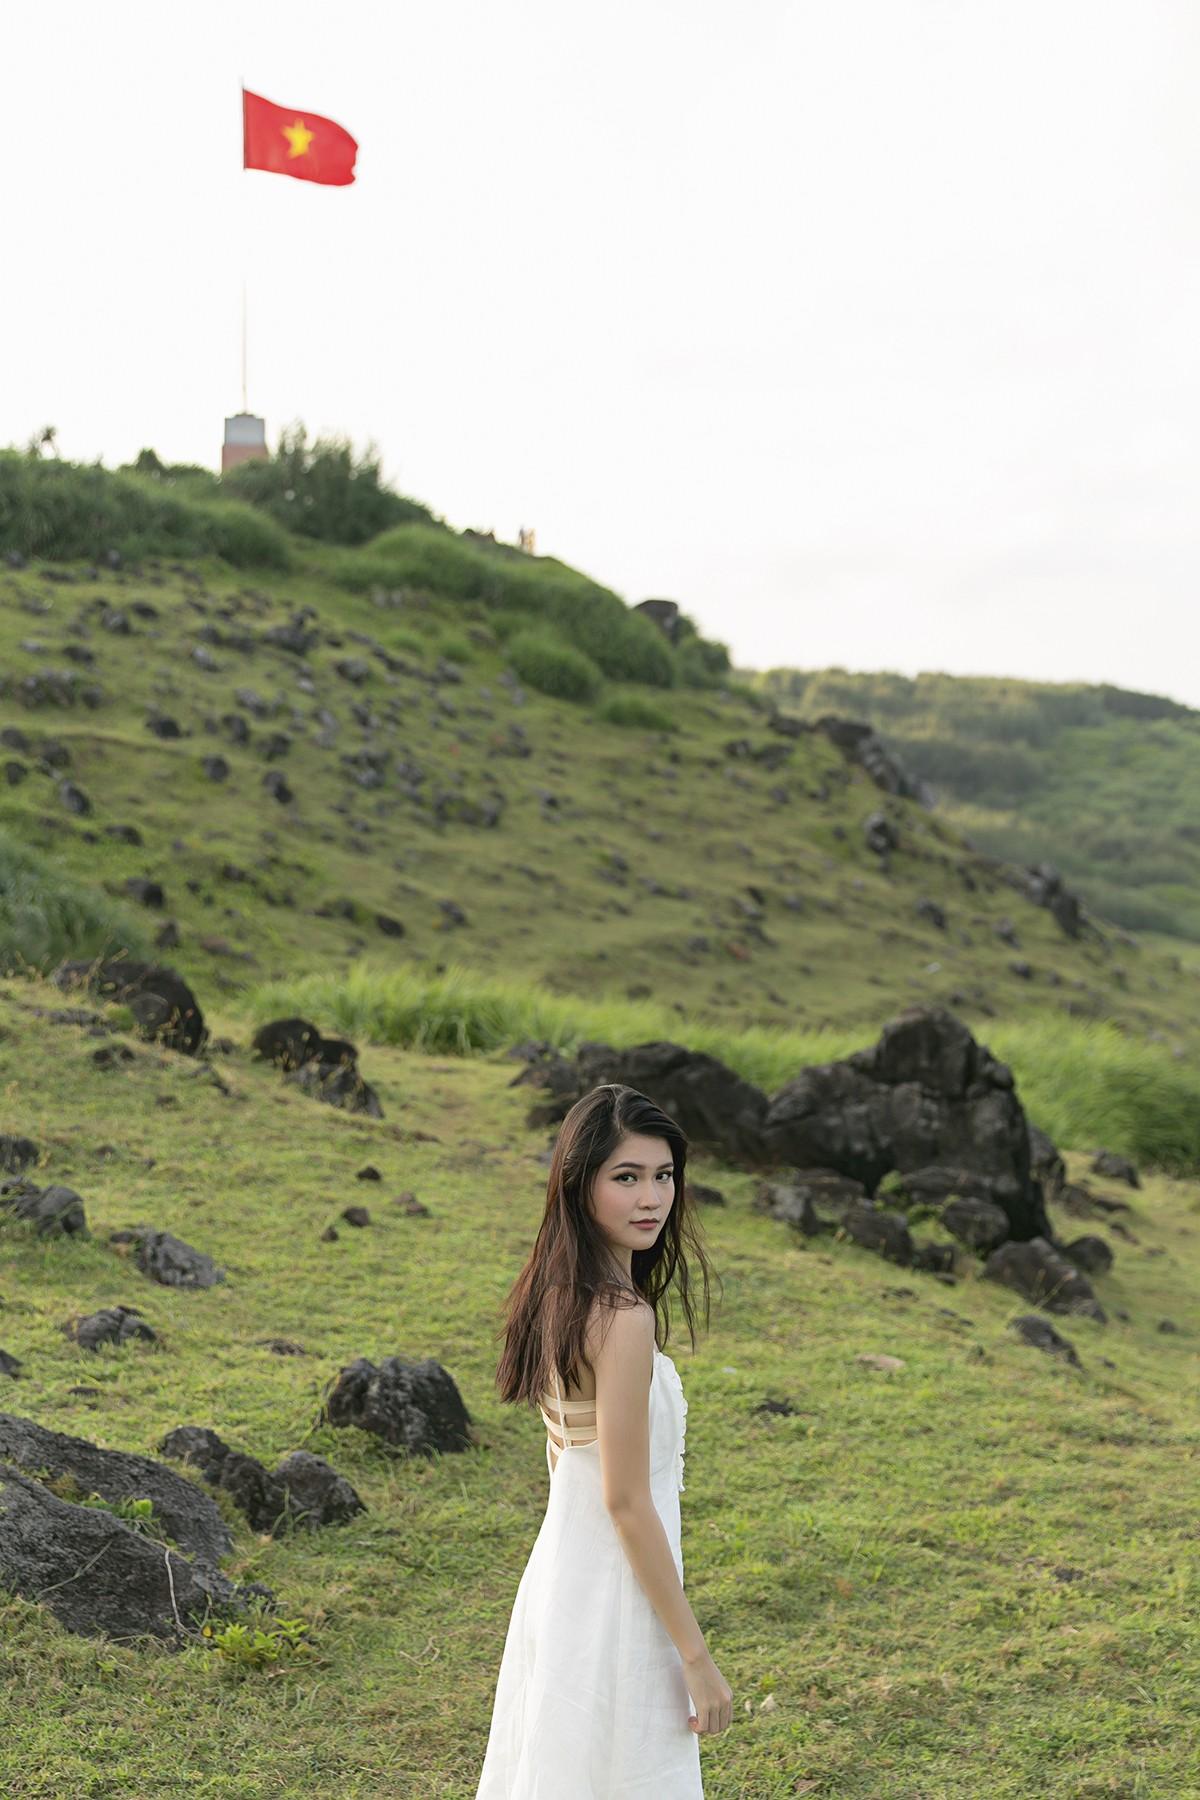 Không chỉ giỏi tiếng Anh, Thùy Dung còn trổ tài hát tiếng Nhật trong clip quảng bá vẻ đẹp biển đảo Việt Nam - Ảnh 2.